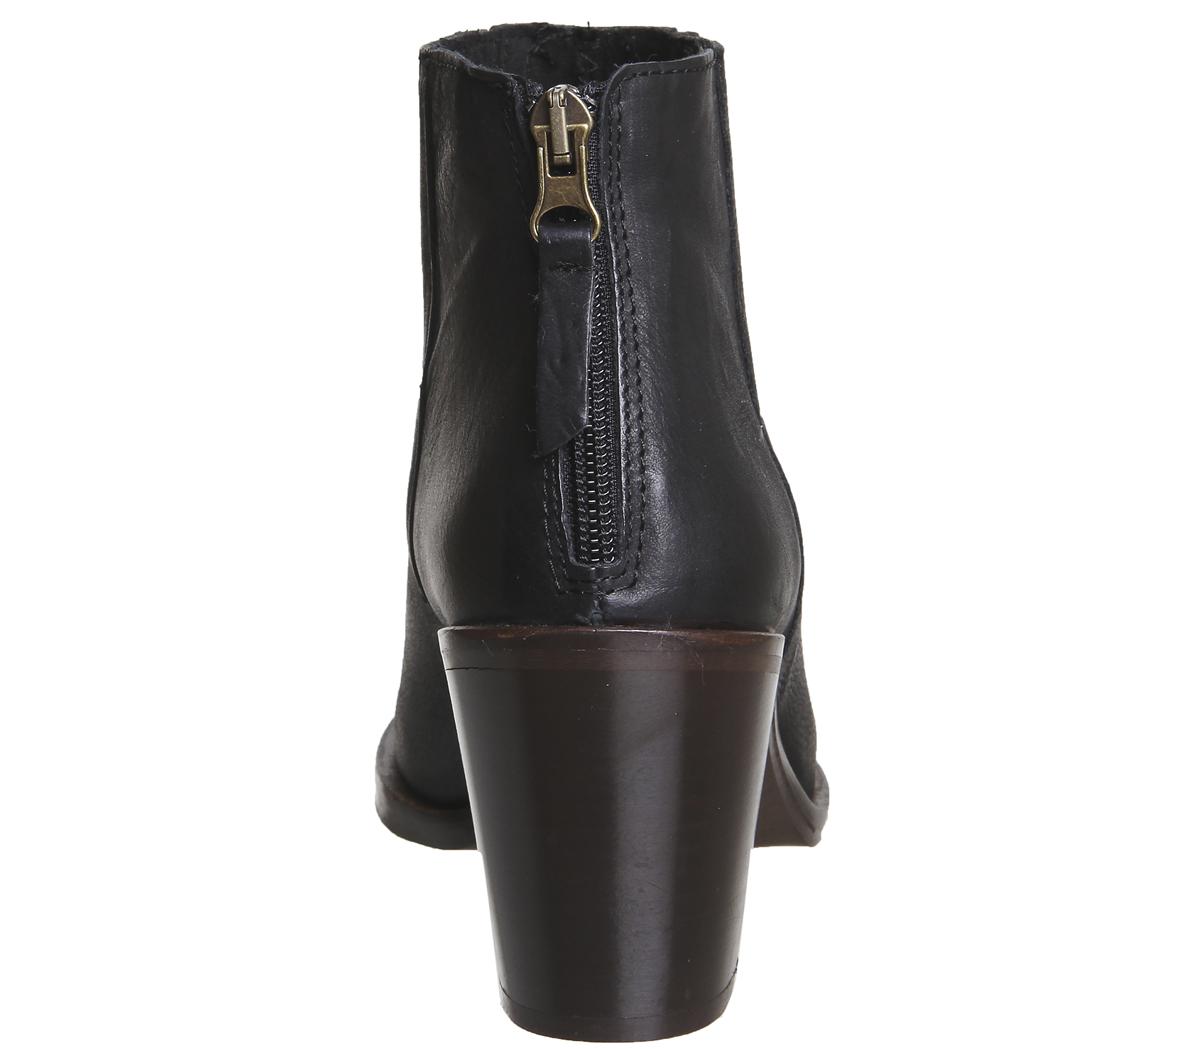 Da Donna Ufficio AMALFI posteriore con zip zip zip Western Stivali Stivali Western   0037b3